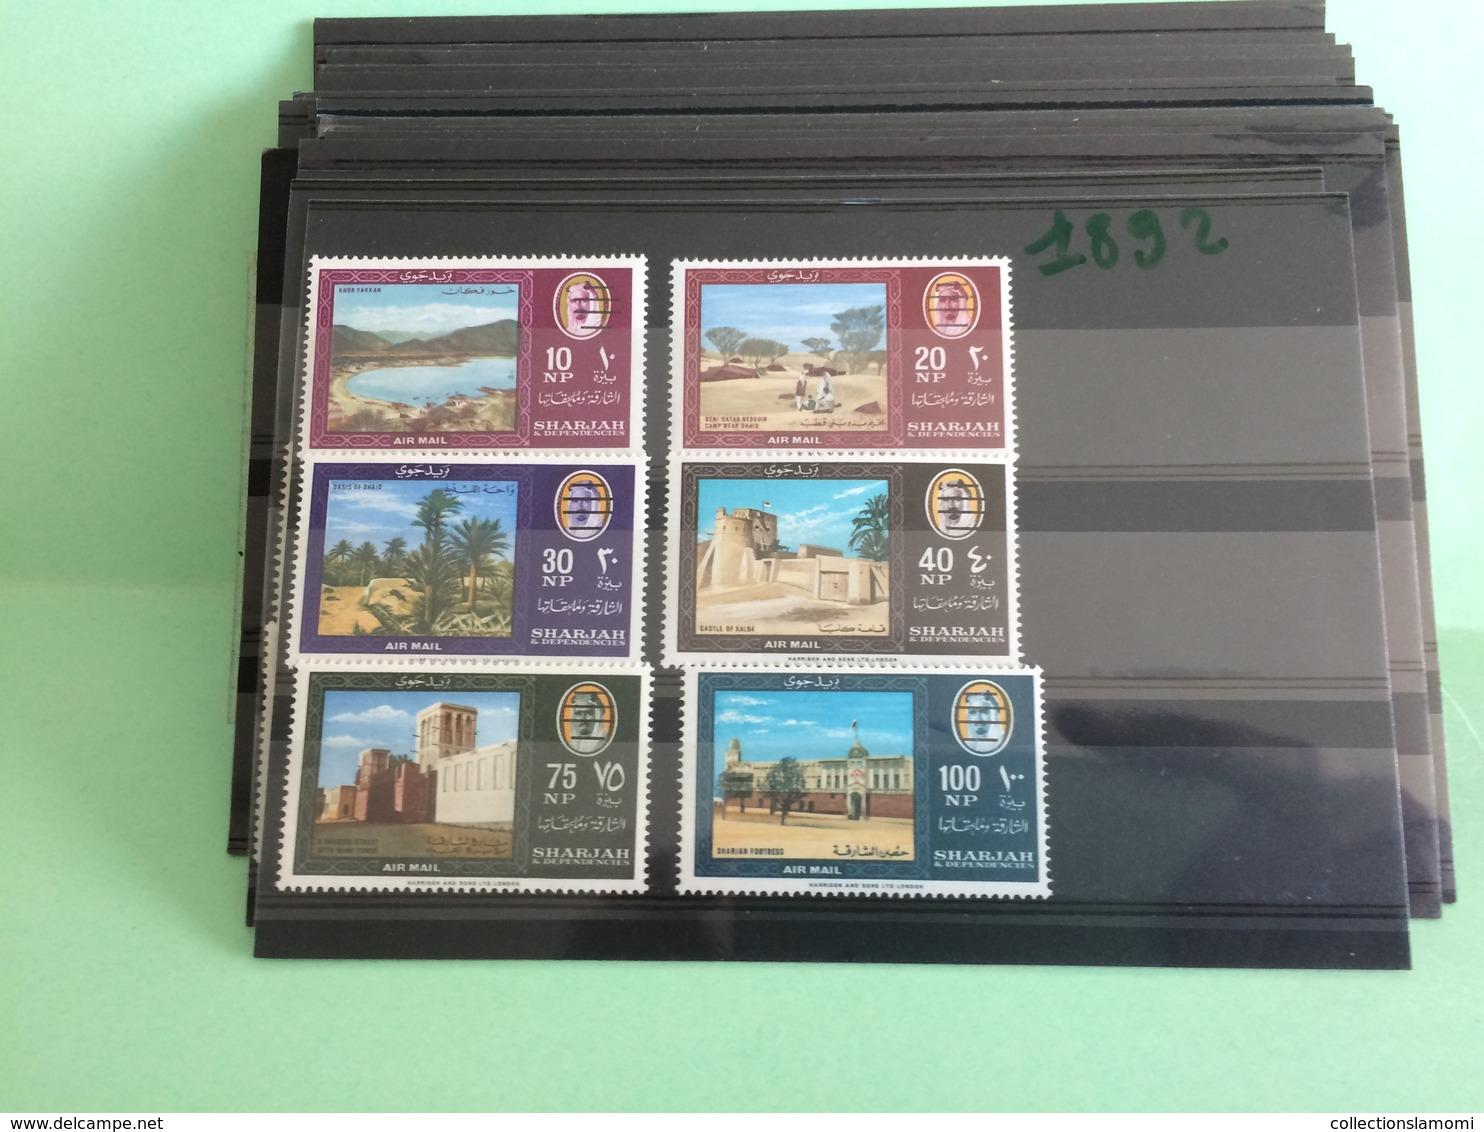 Lot Timbres Neufs, Monde Afrique,Amérique,Asie,Europe,Pays Voir Photos (n°12) - Timbres